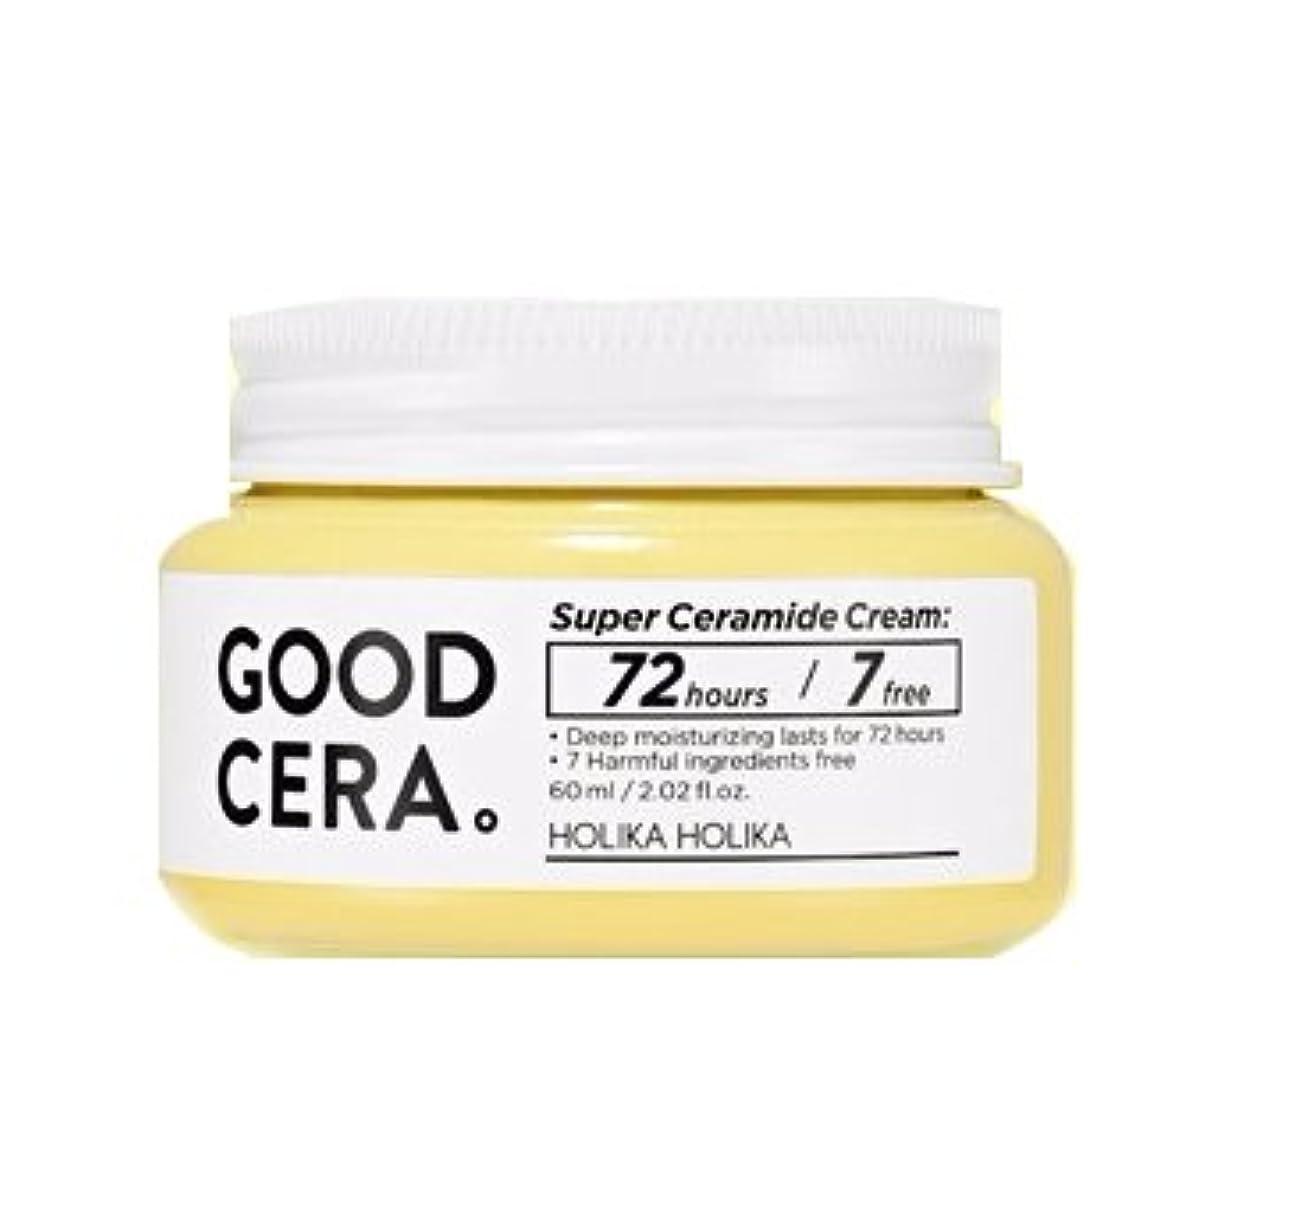 顎避けるハブ[NEW] ホリカホリカ スーパーセラミドクリーム 60ml / HOLIKA HOLIKA Super Ceramide Cream [並行輸入品]